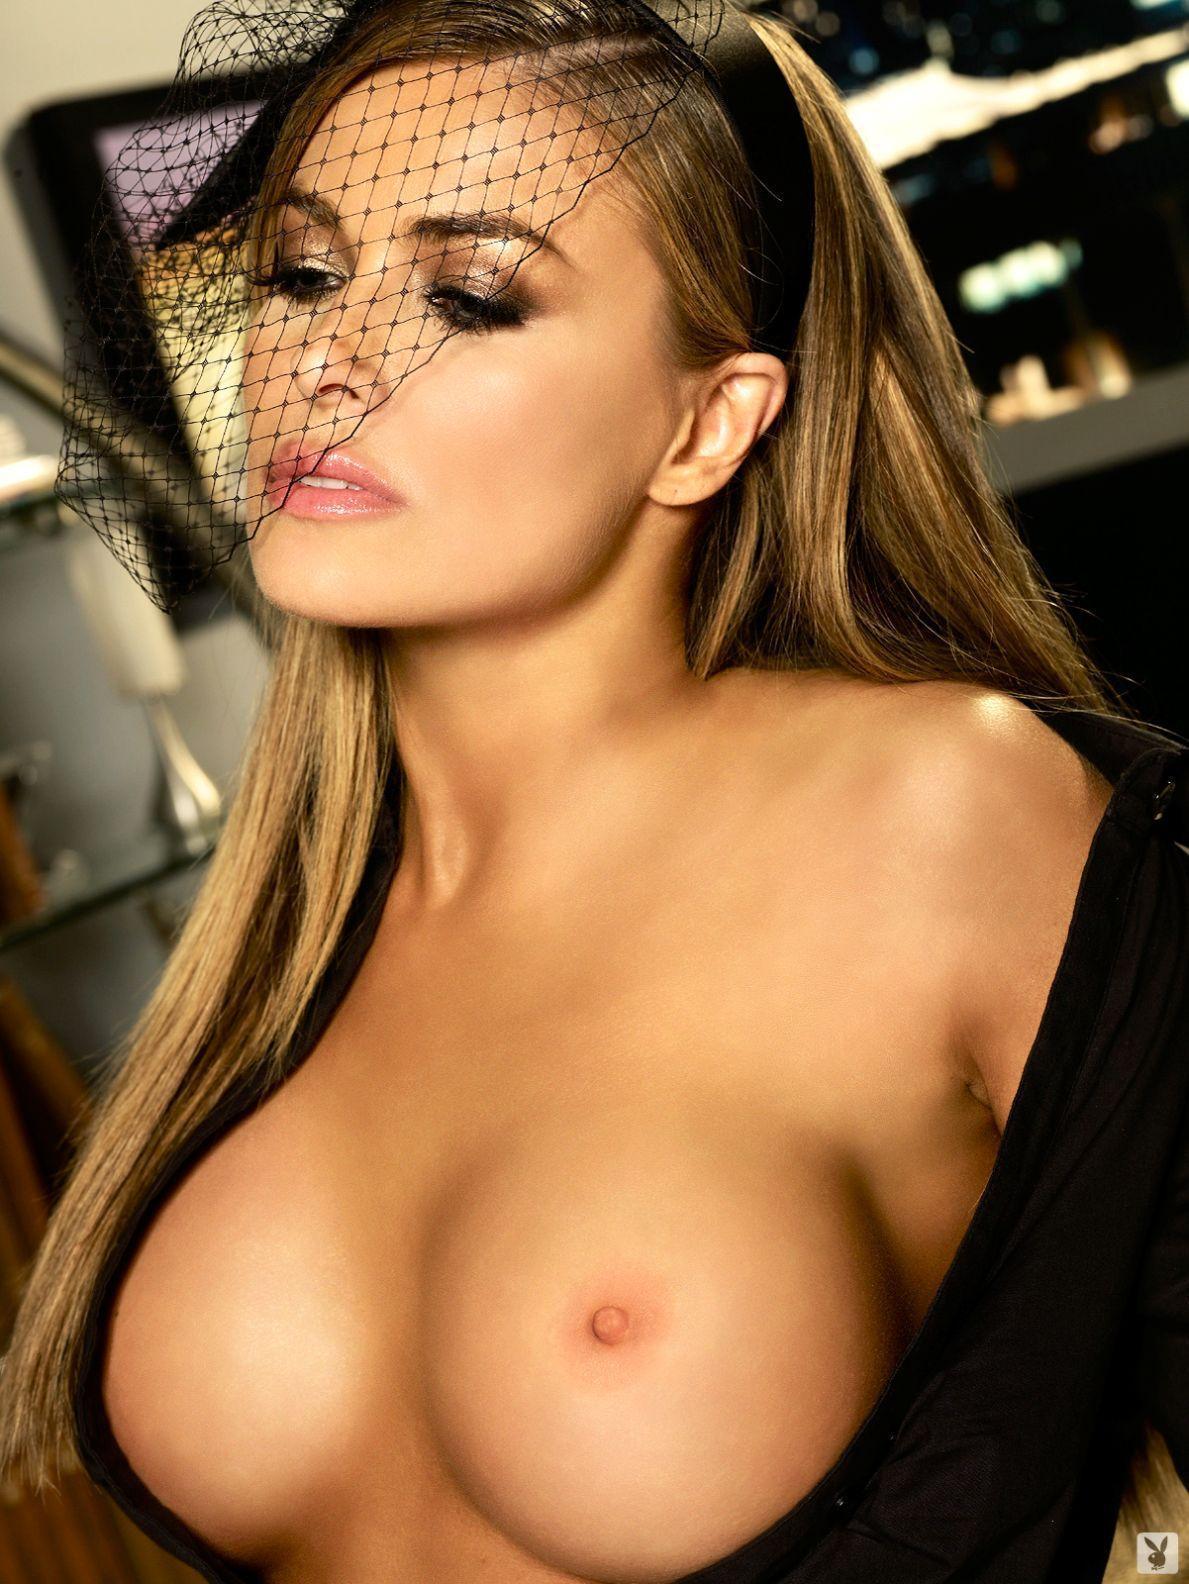 fotos del Carmen Electra sin ropa interior